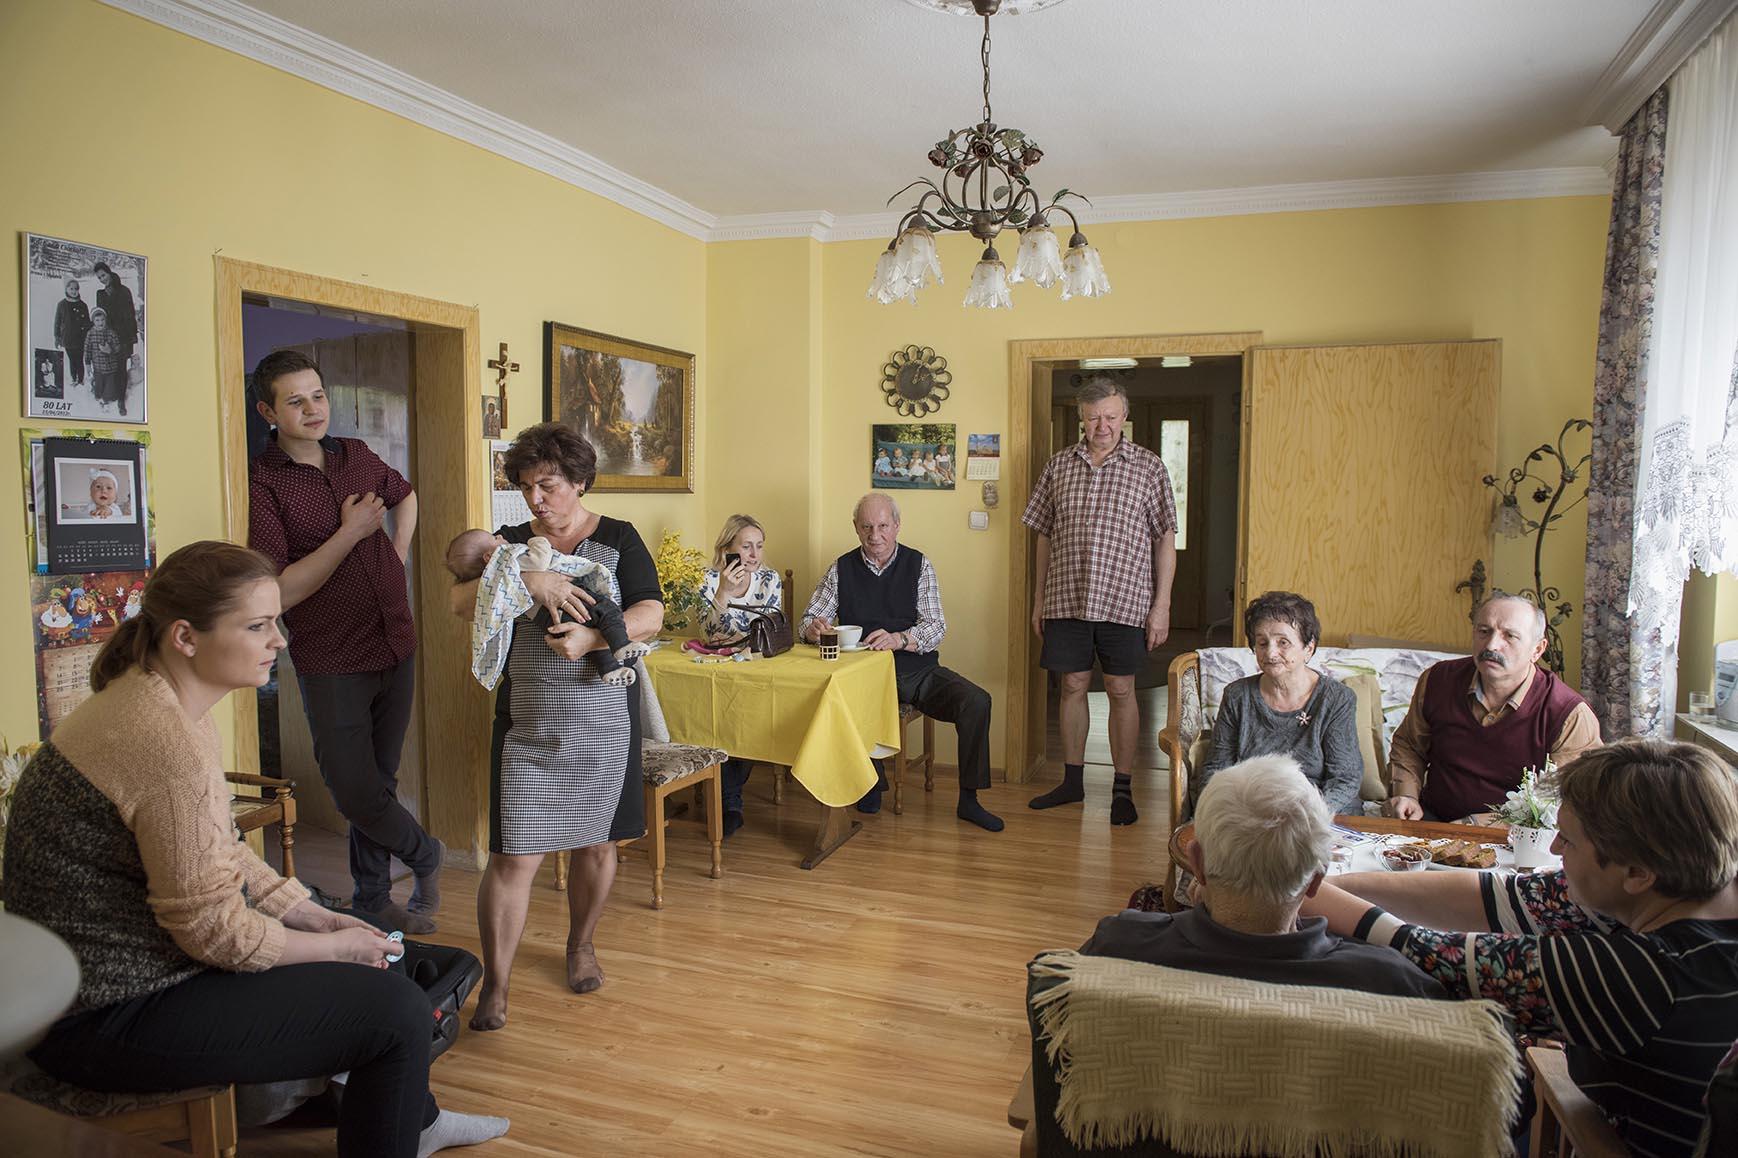 Większa część rodziny Państwa Prochasek mieszka po sąsiedzku, więc często wpadają w odwiedziny. W każdej chwili mogą liczyć na wsparcie i pomoc.